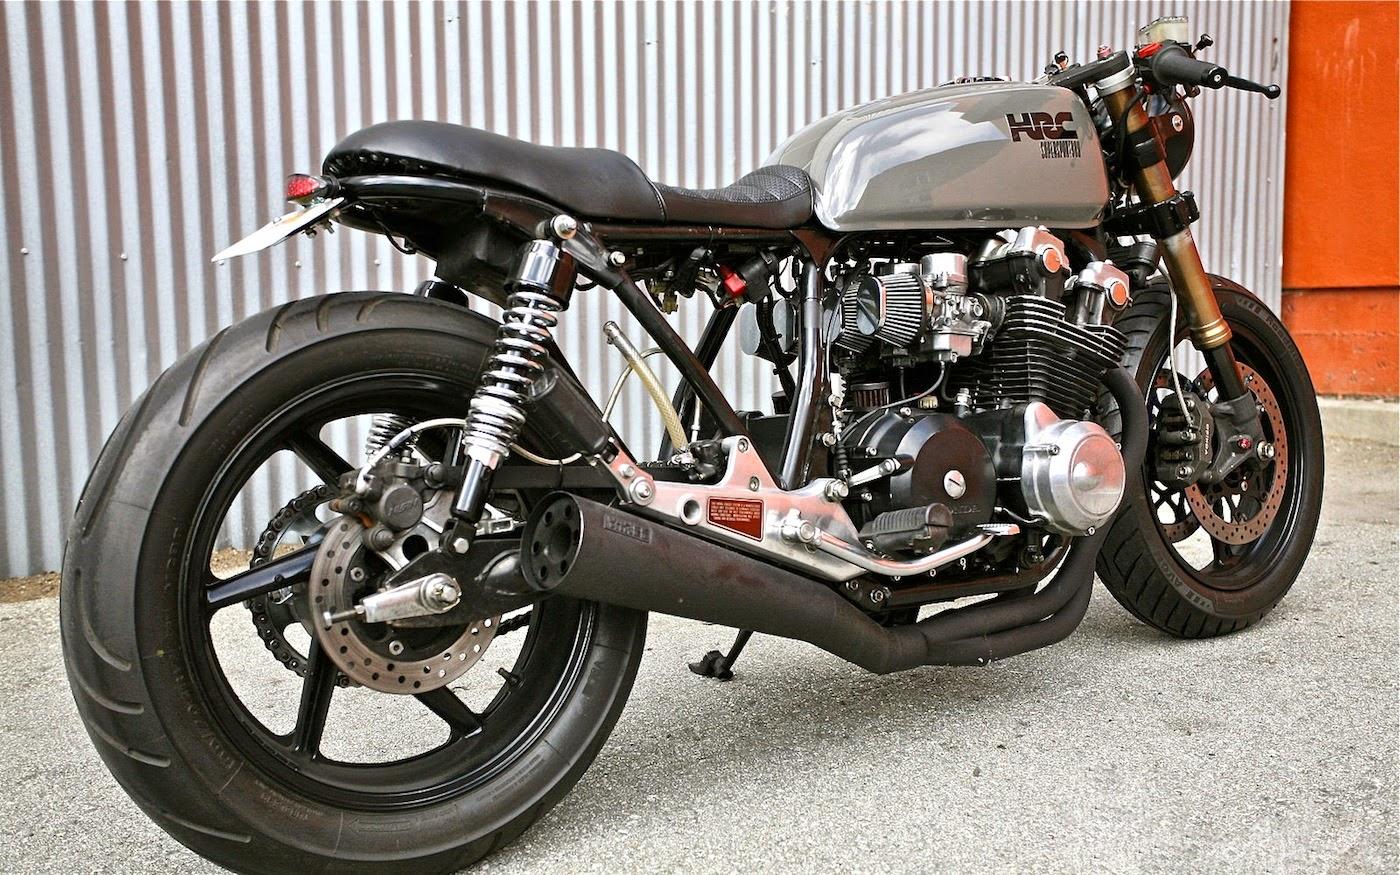 honda cb 900 f bol d'or cafe racer | 99garage | cafe racers